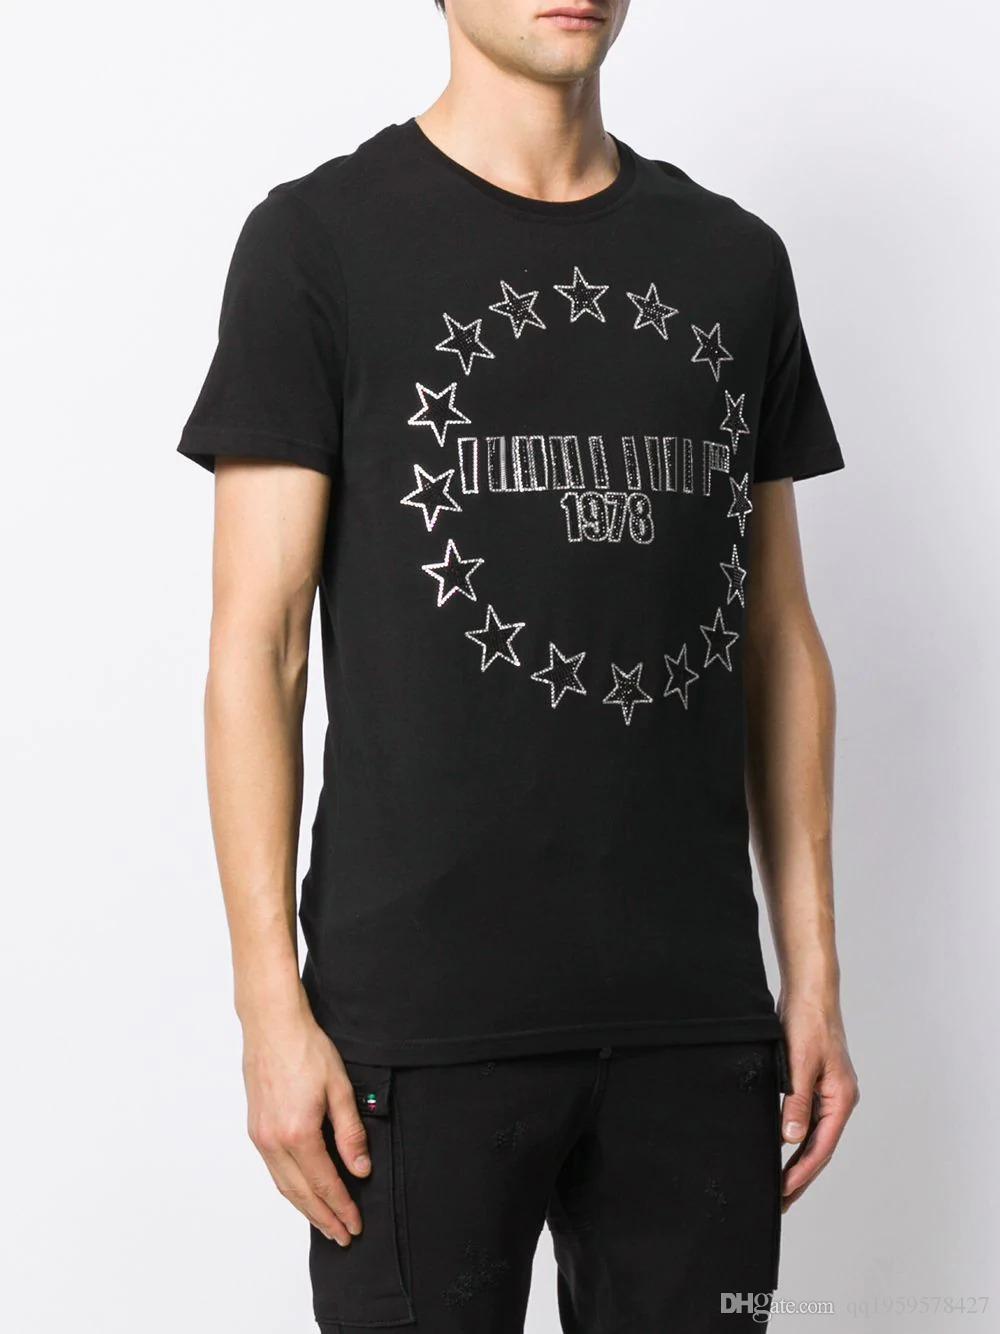 New Mens camisa Designer T de luxo de moda de Paris T-shirts Verão Mulheres Impresso padrão T-shirt masculino da qualidade superior 100% Algodão Top Tee KL1917